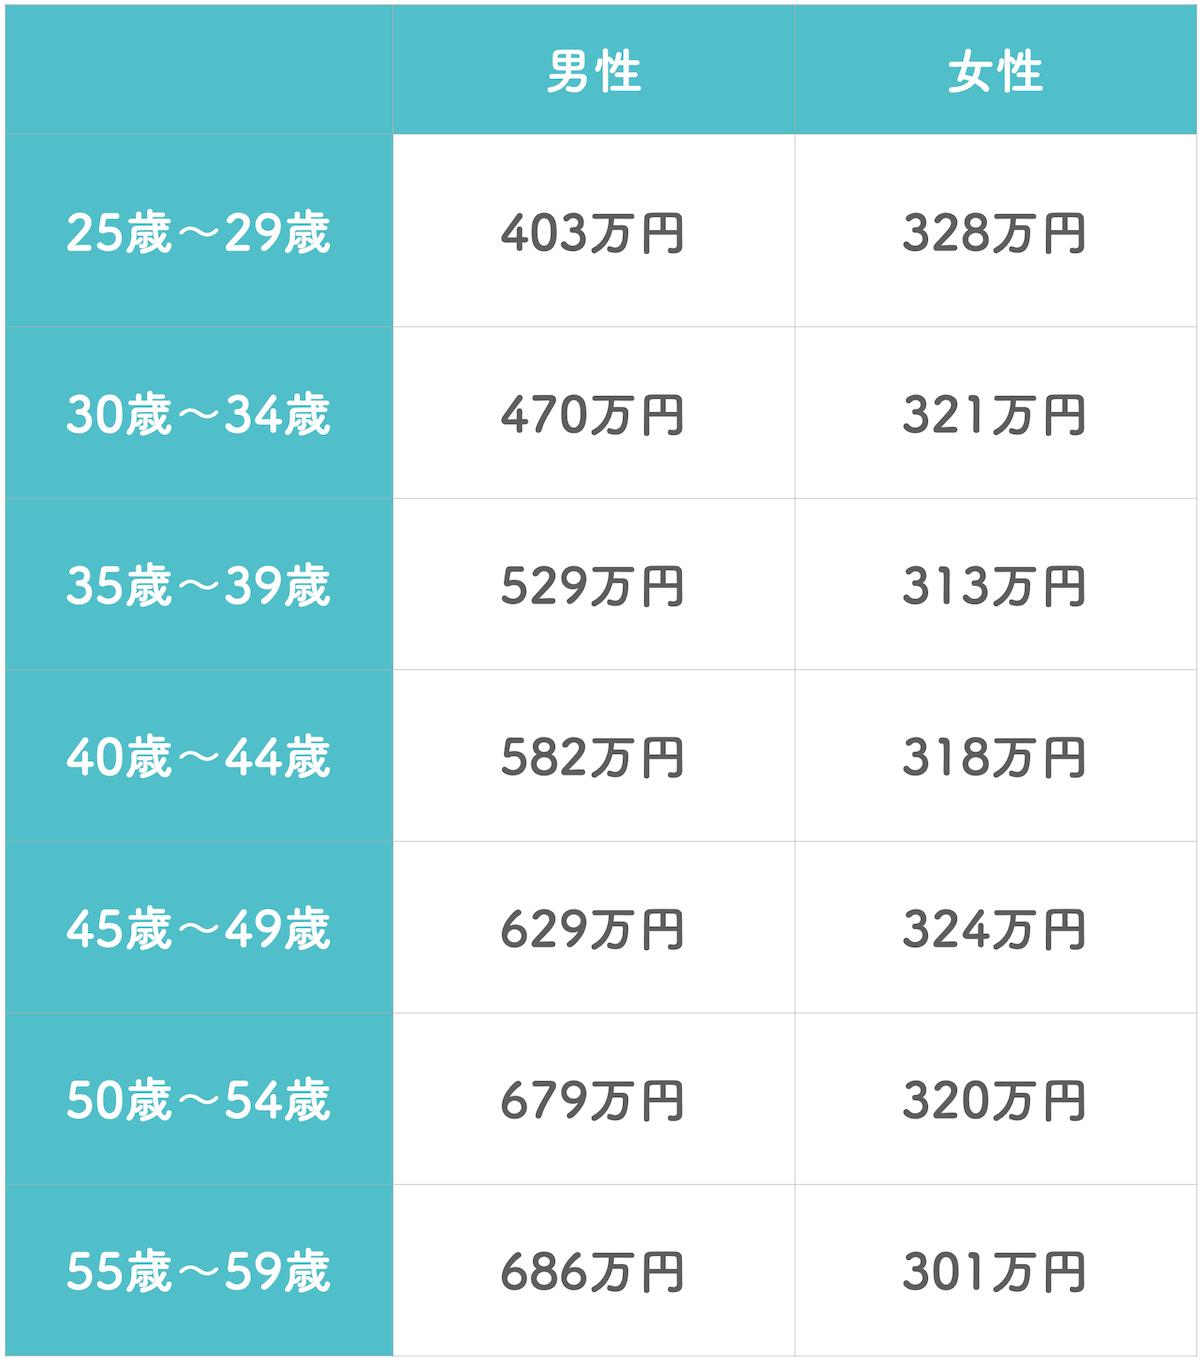 年齢ごとの平均収入